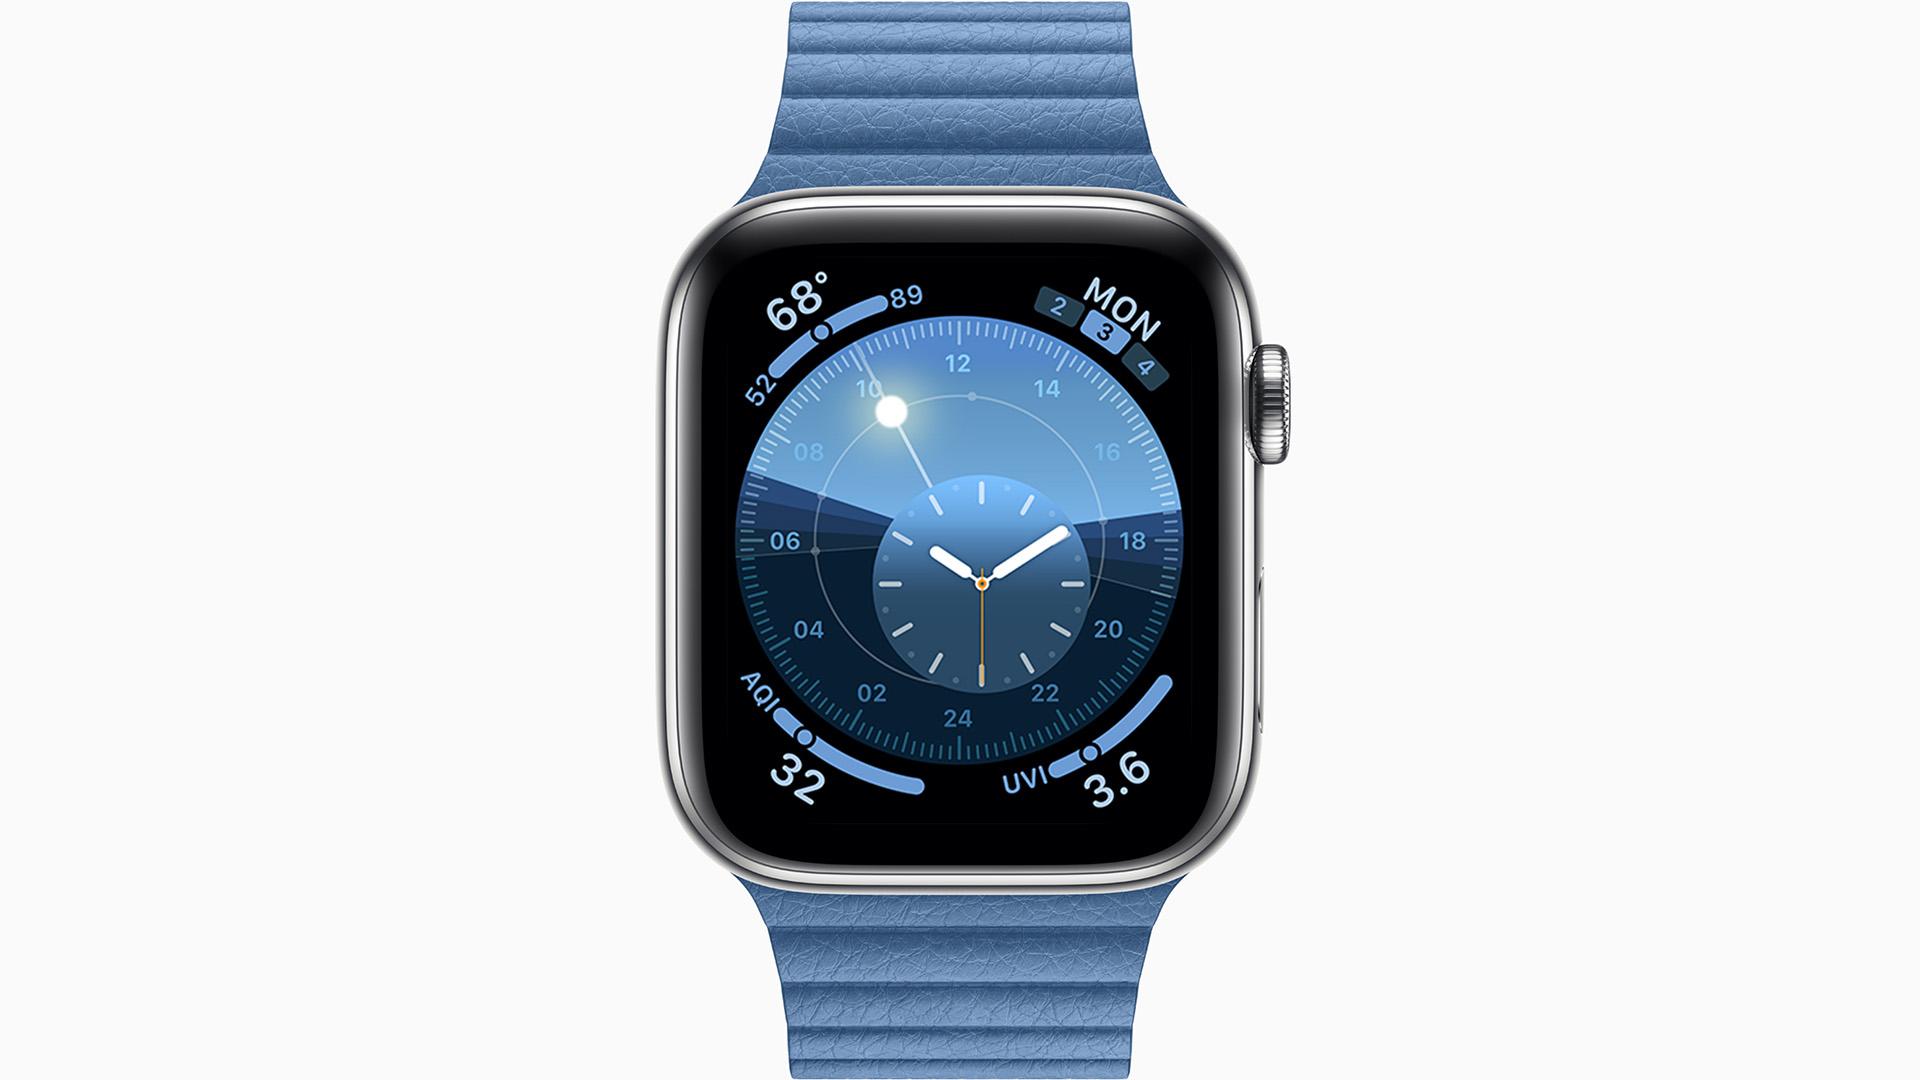 Apple Watch by mohly rozpoznat příznaky Parkinsonovy choroby